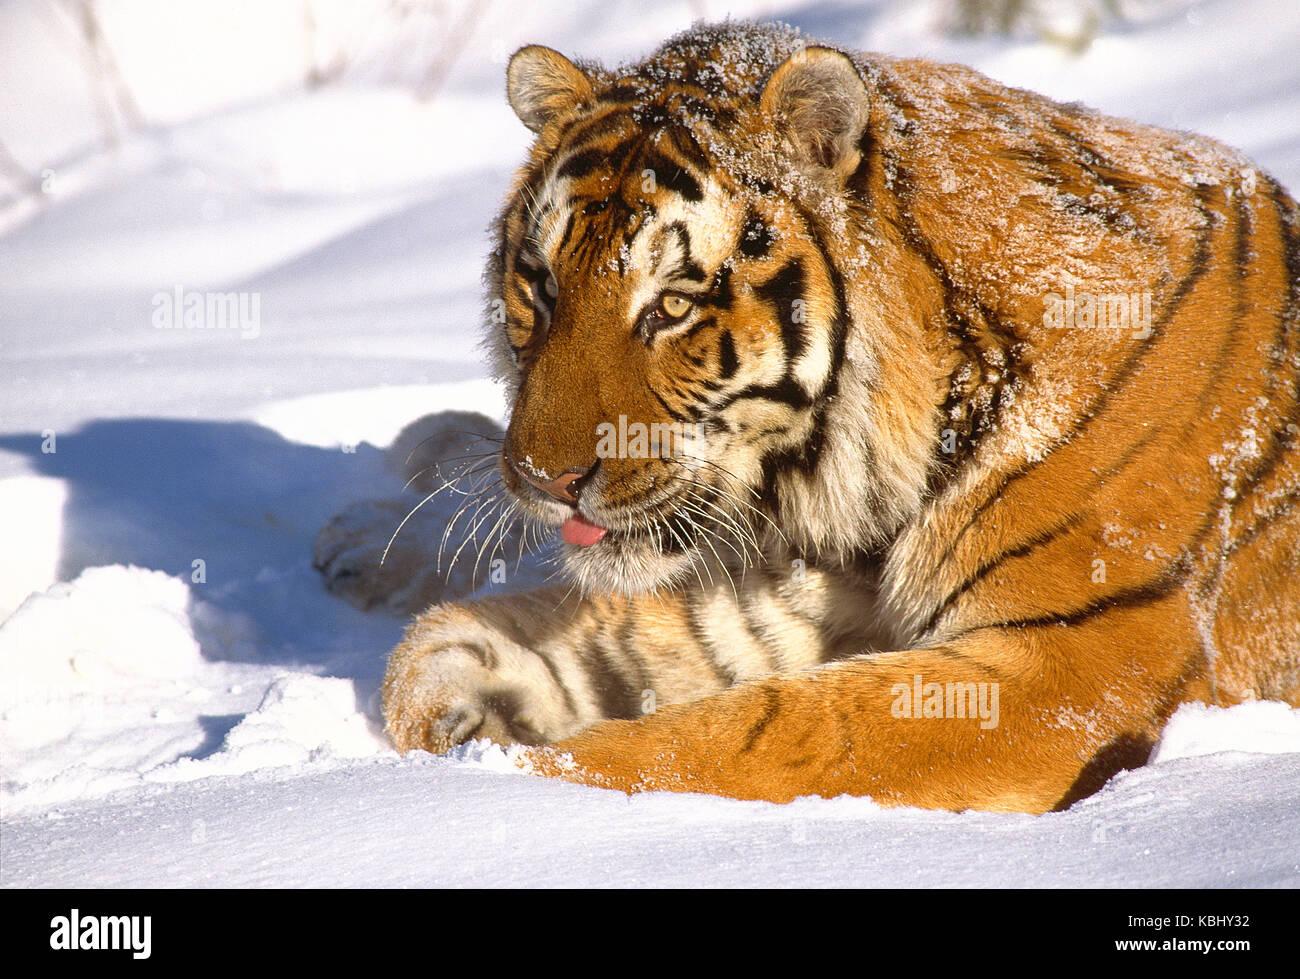 Russland. Tierwelt. Sibirische Tiger im Schnee. Stockbild